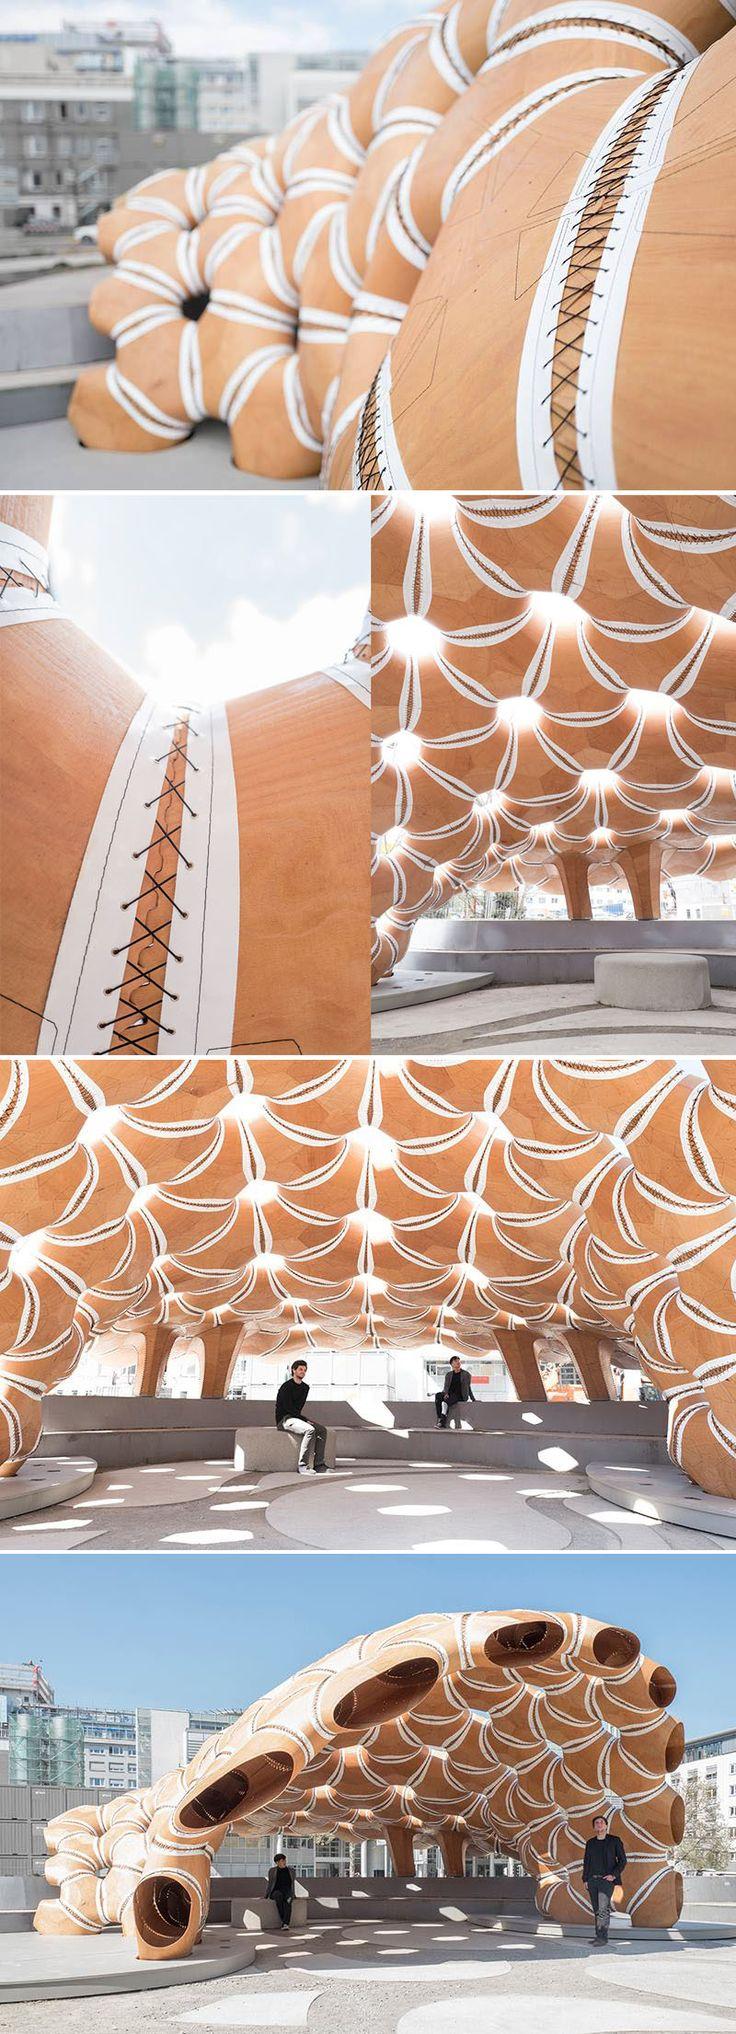 Pavilhão inspirado no ouriço-do-mar explora uma nova forma de arquitetura